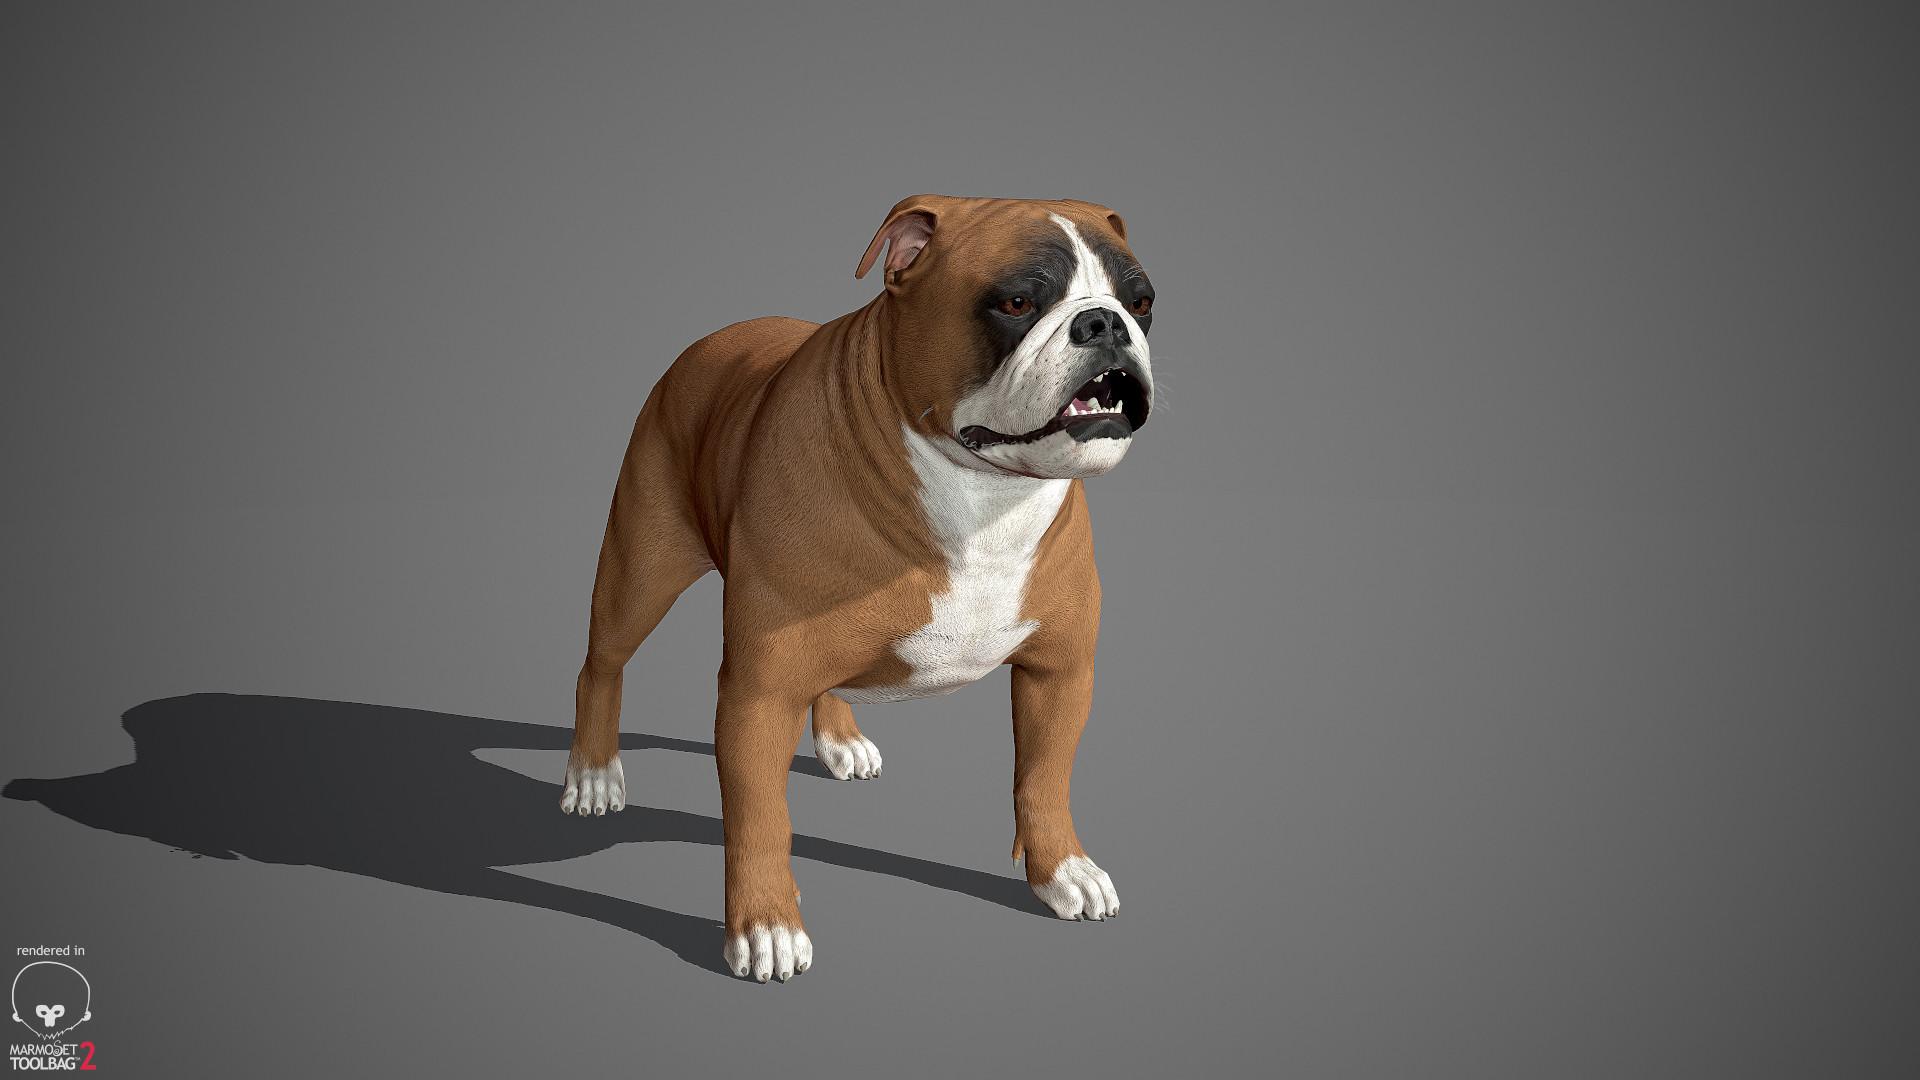 Alex lashko englishbulldog by alexlashko marmoset 24